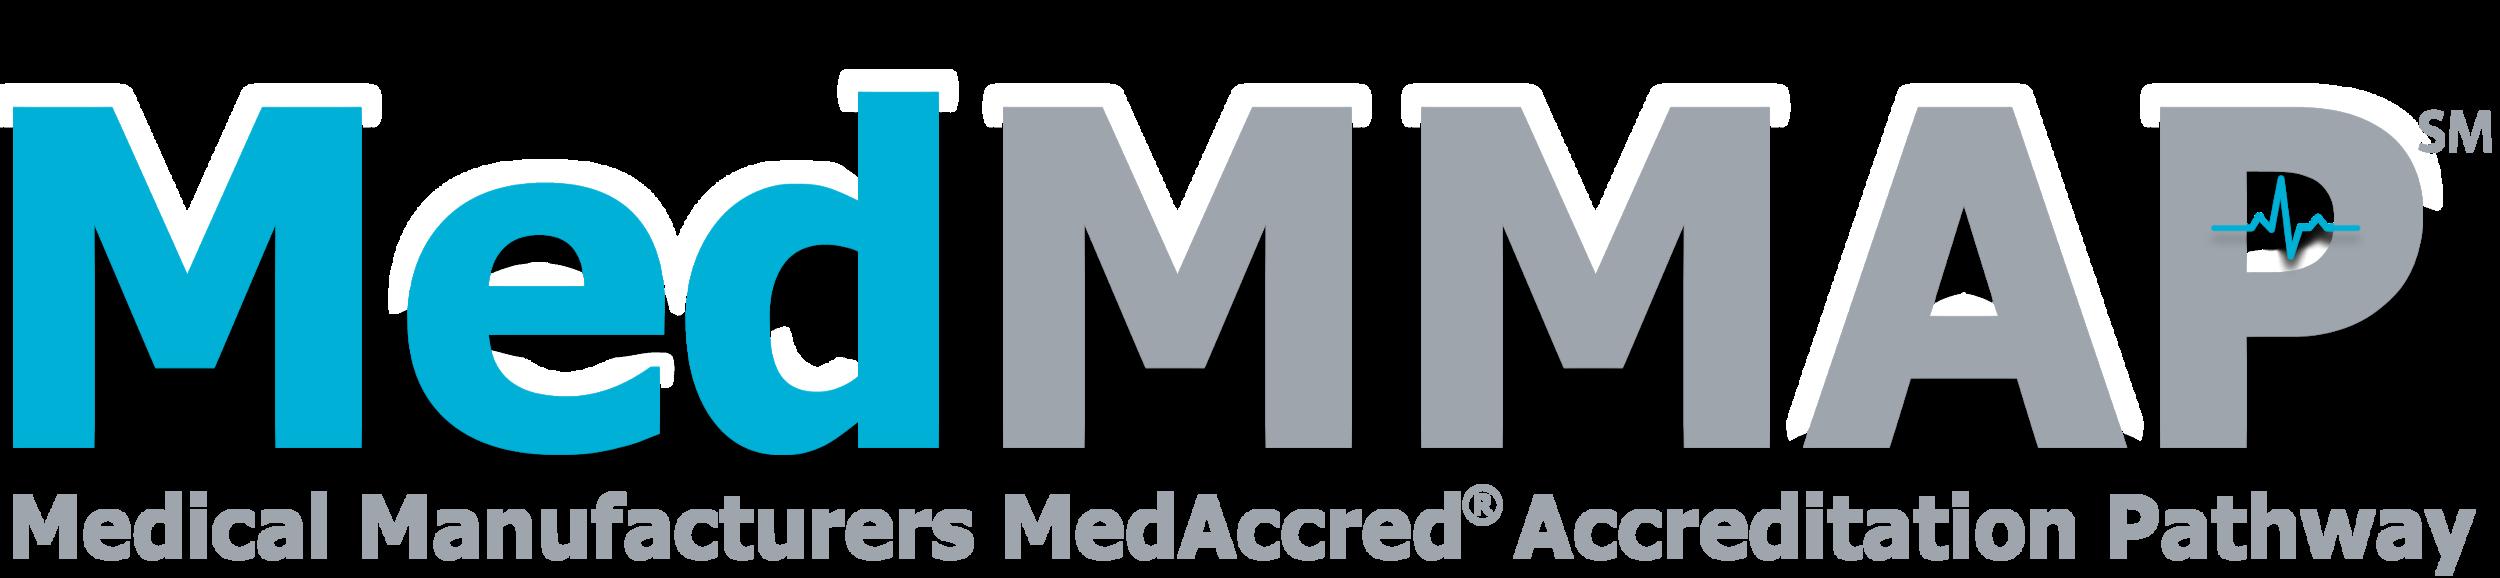 MedMMAP Design 7.3 wo MEP.png